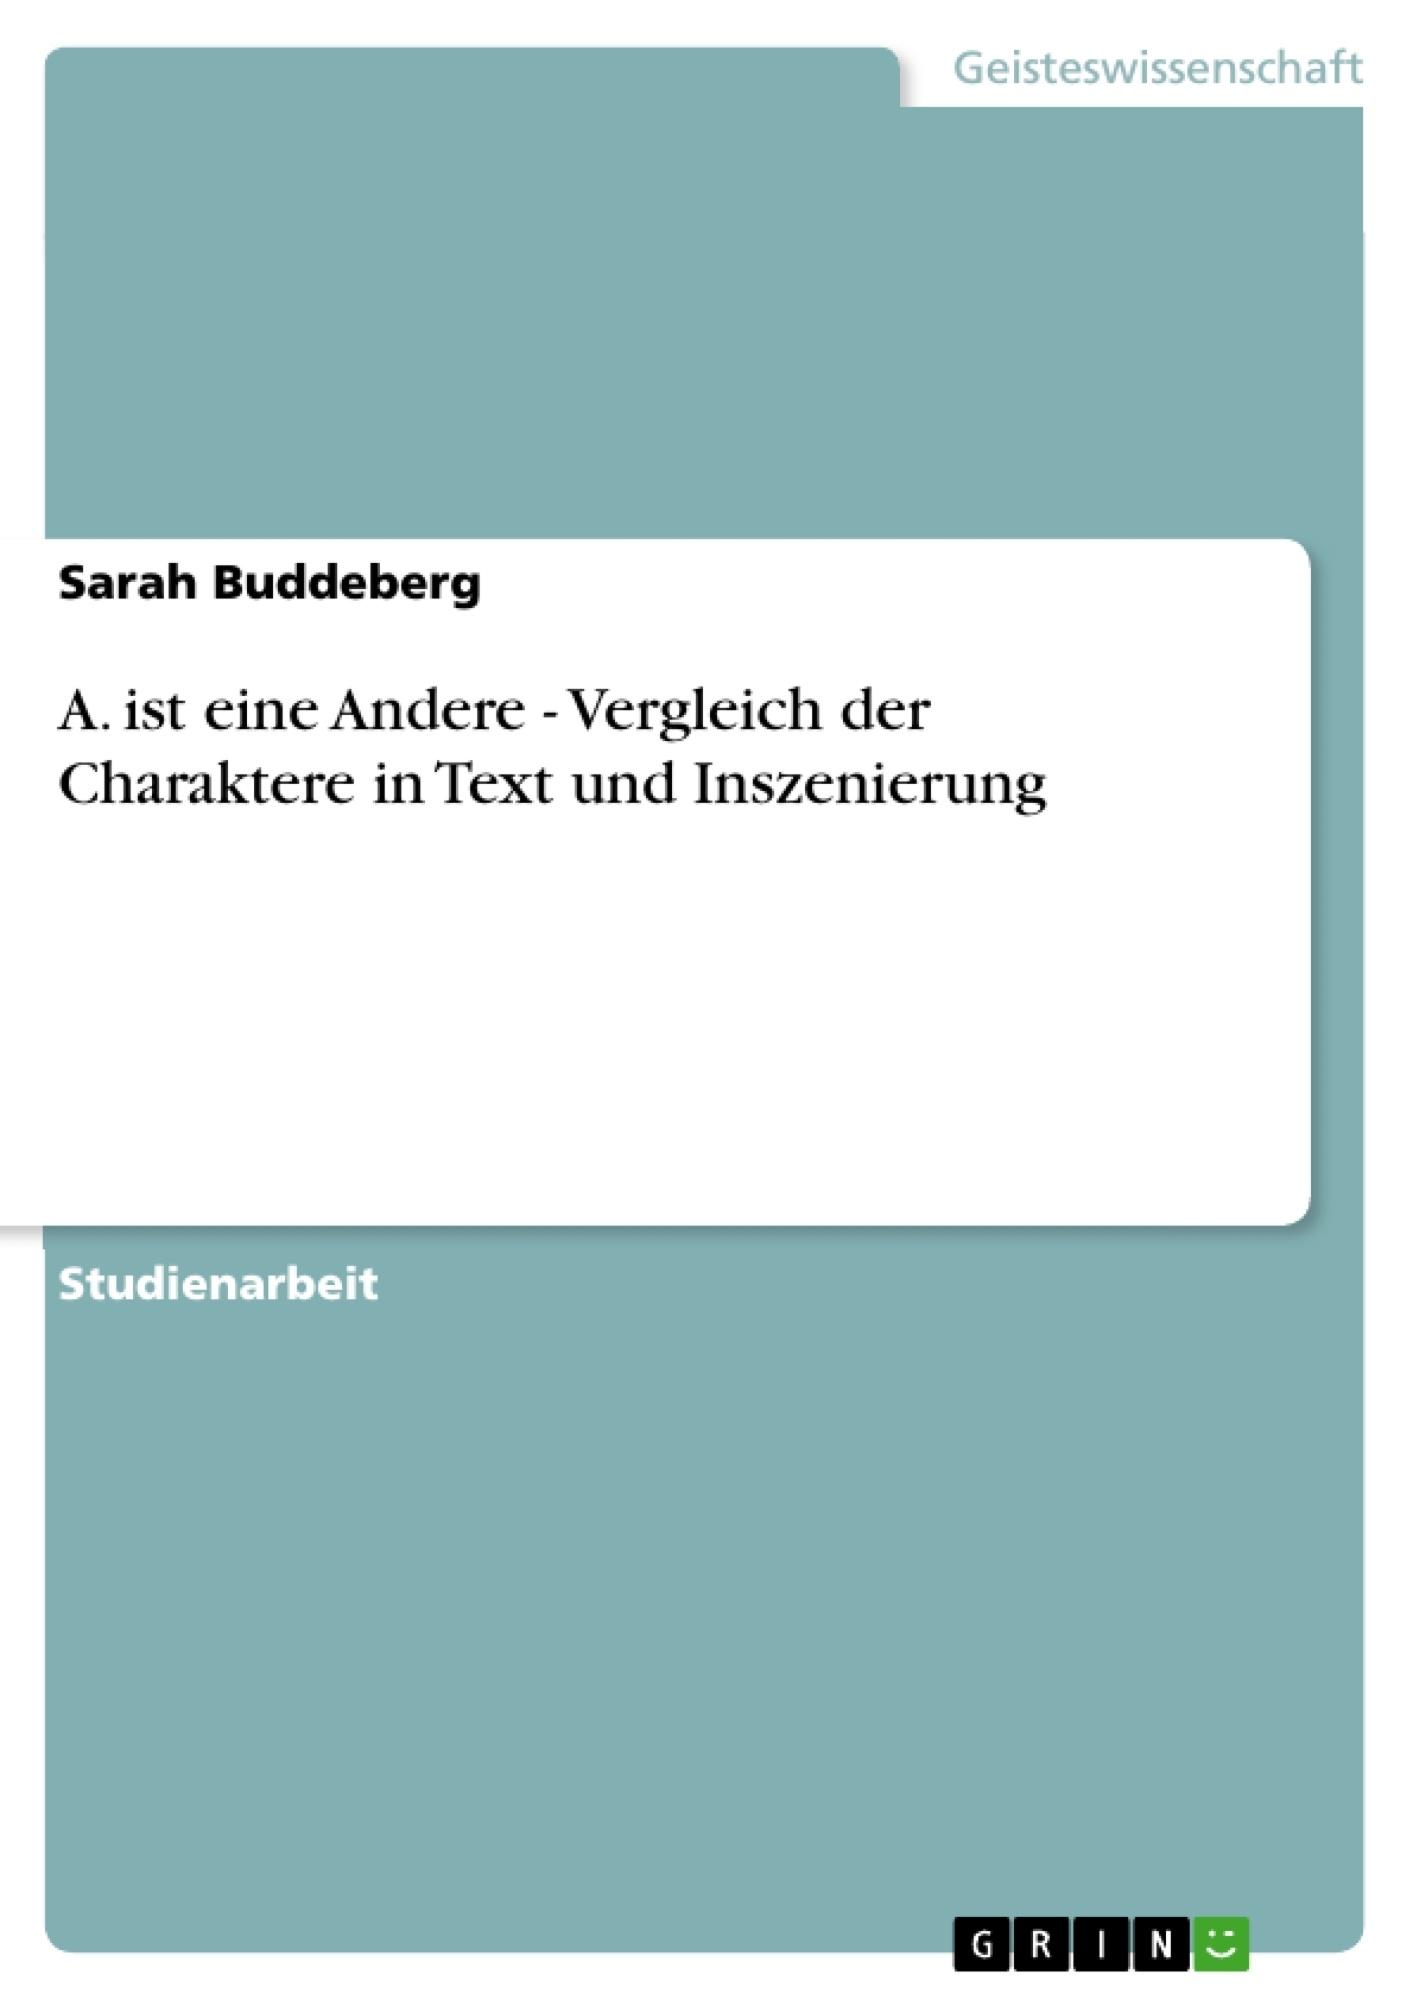 Titel: A. ist eine Andere - Vergleich der Charaktere in Text und Inszenierung